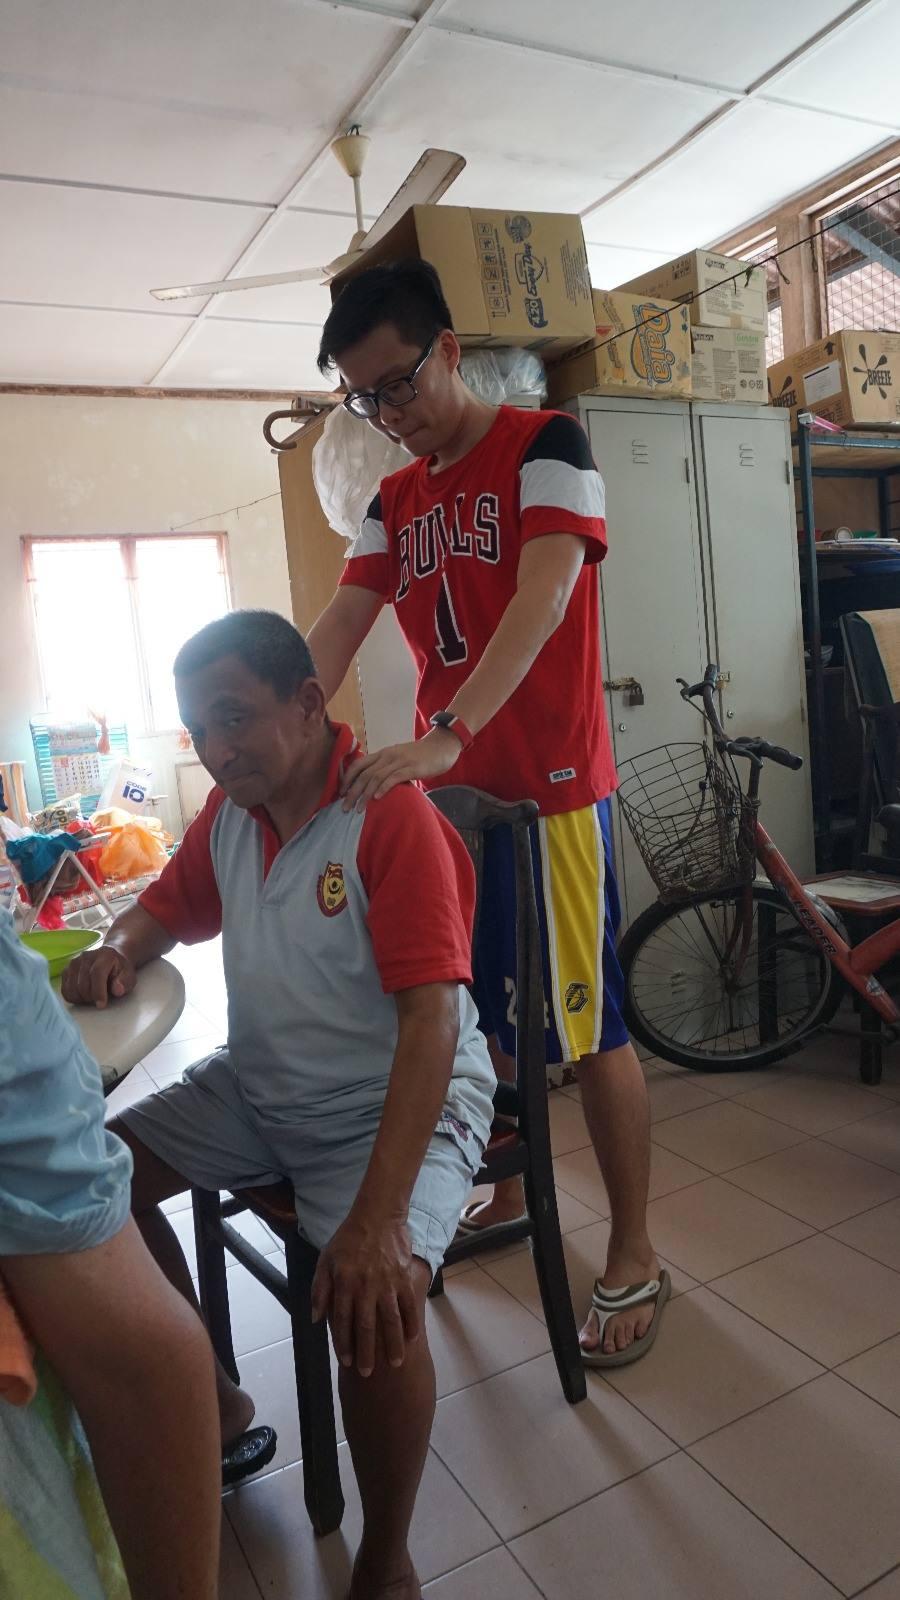 CARP member massaging an elderly person